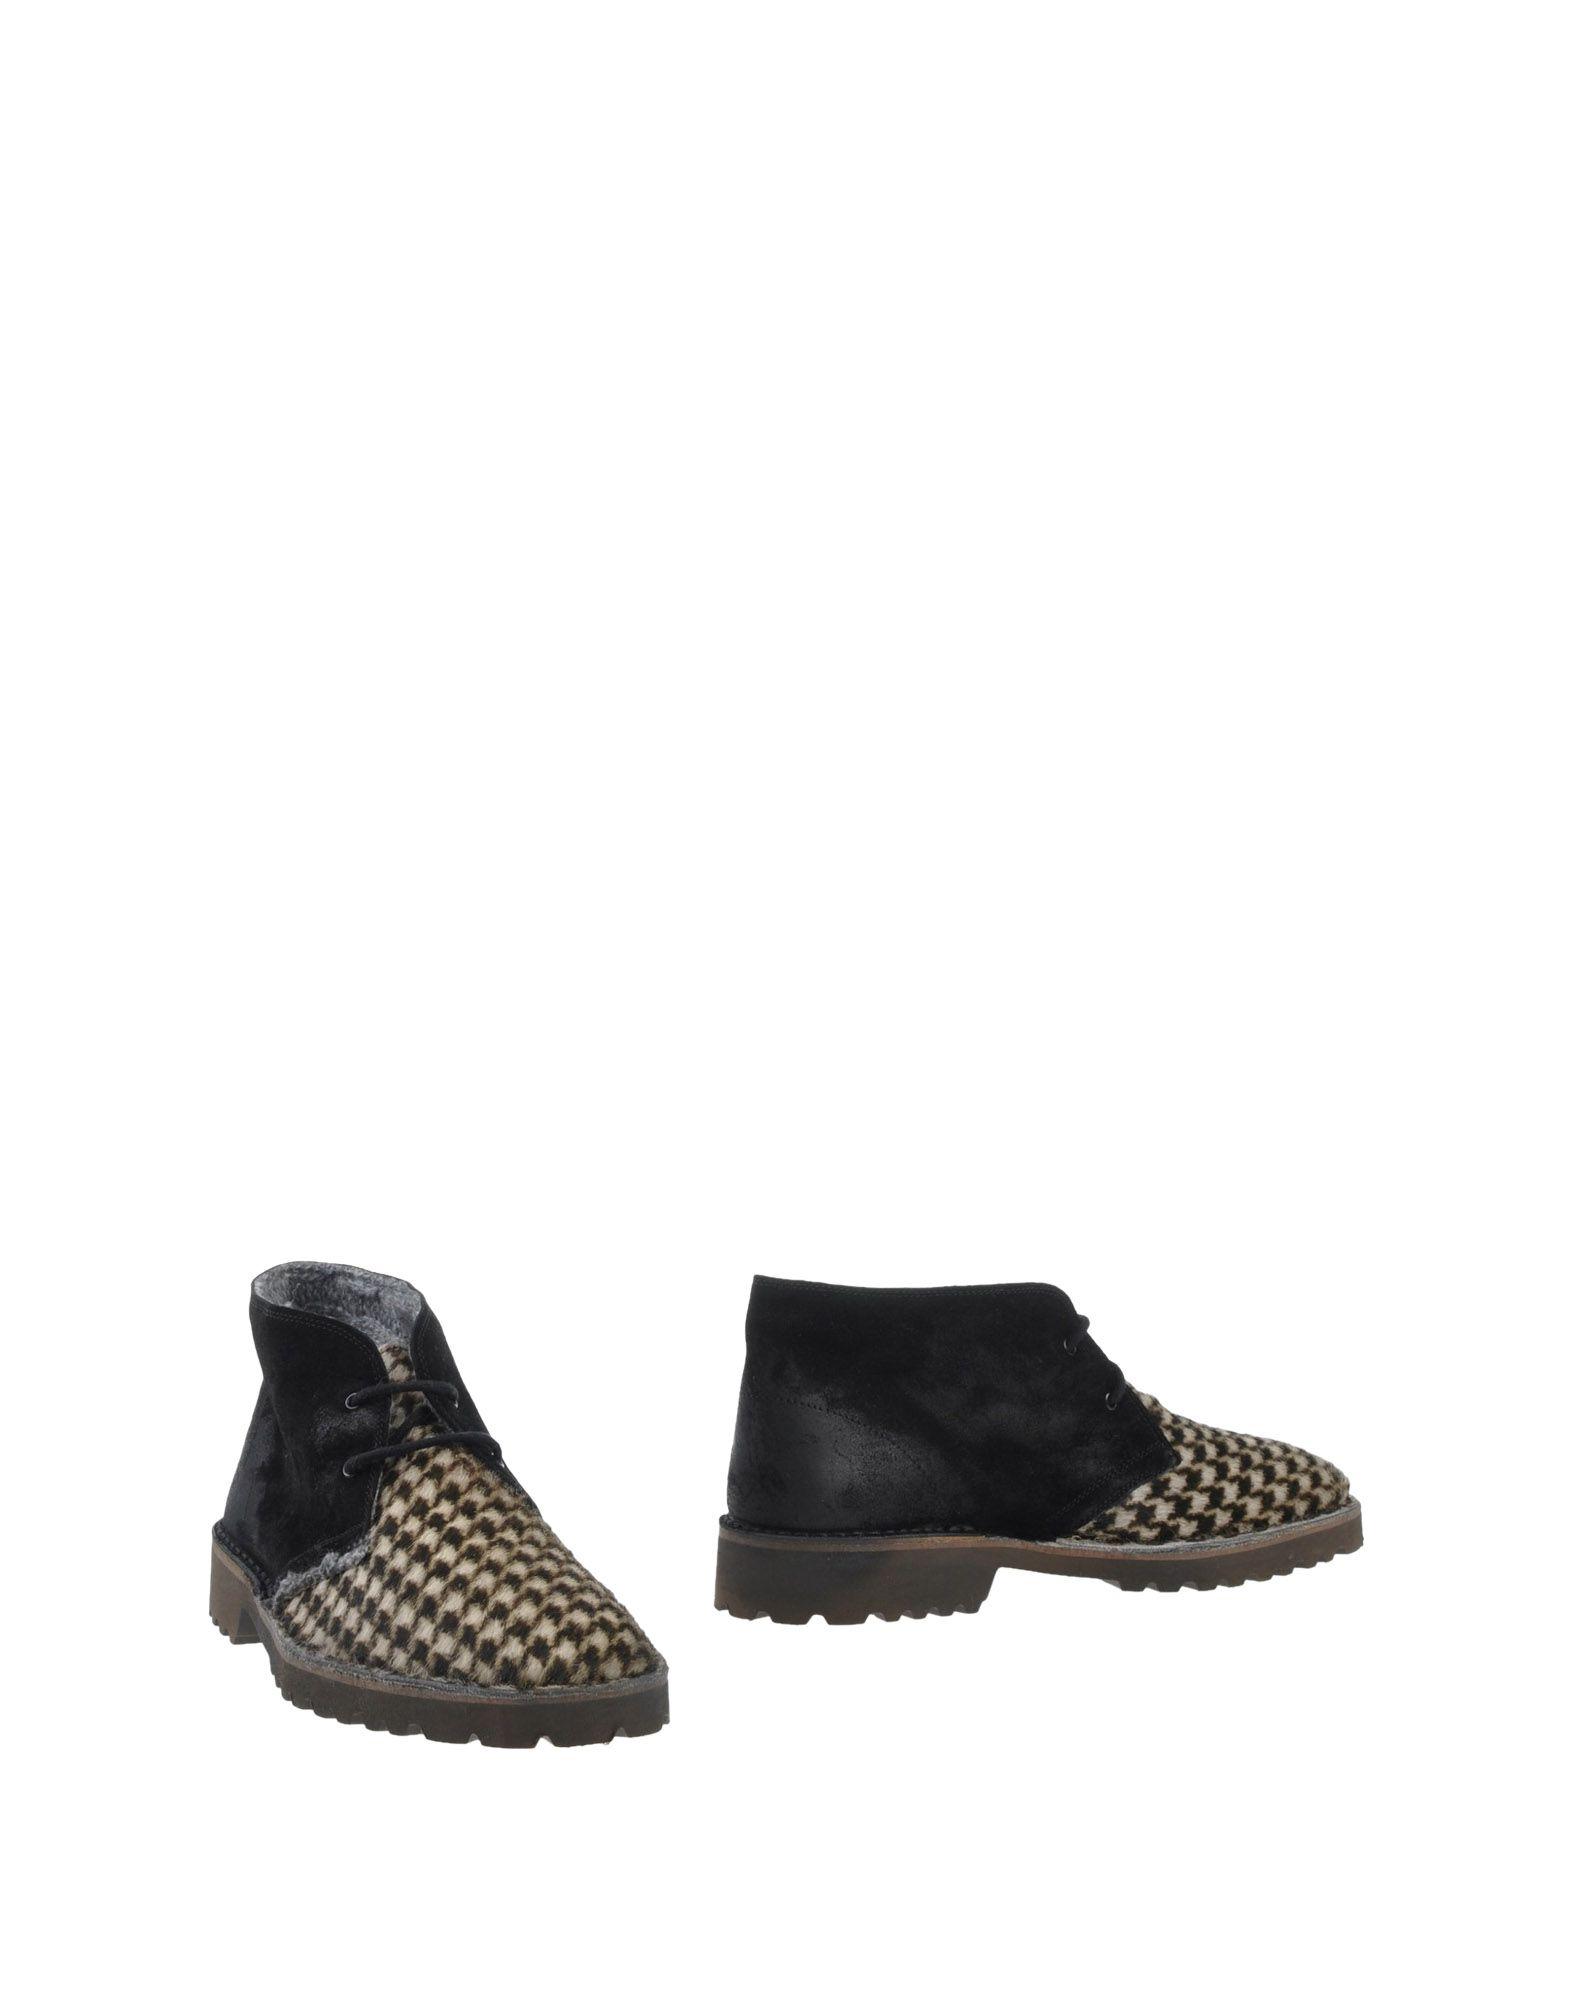 Le Crown Stiefelette Damen  11092098IR Gute Qualität beliebte Schuhe